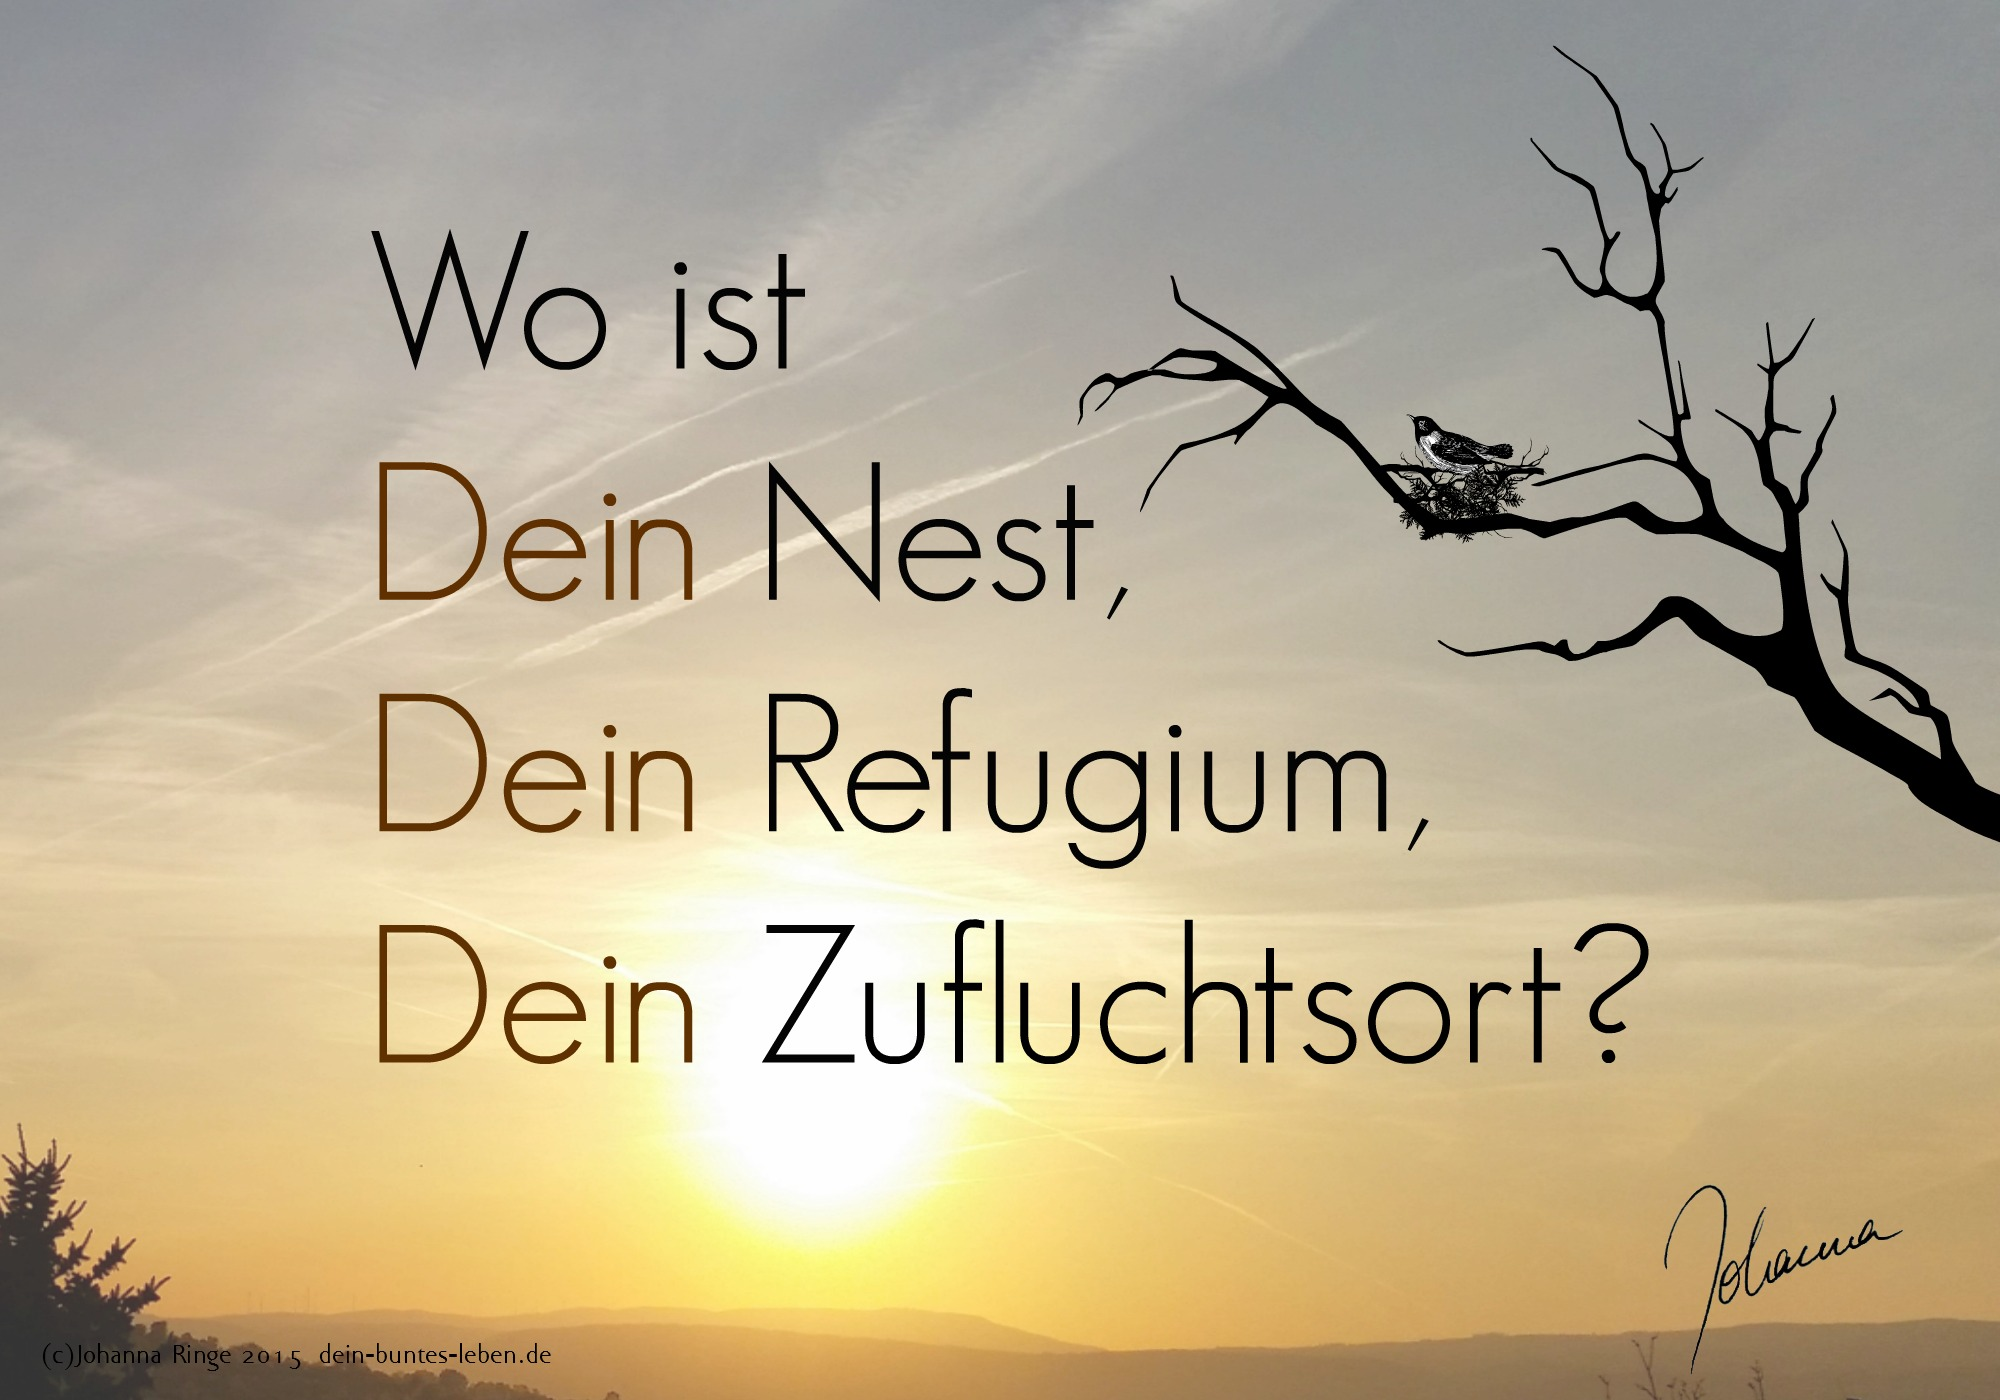 Wo findest Du Zuflucht? (c) Johanna Ringe 2015 dein-buntes-leben.de